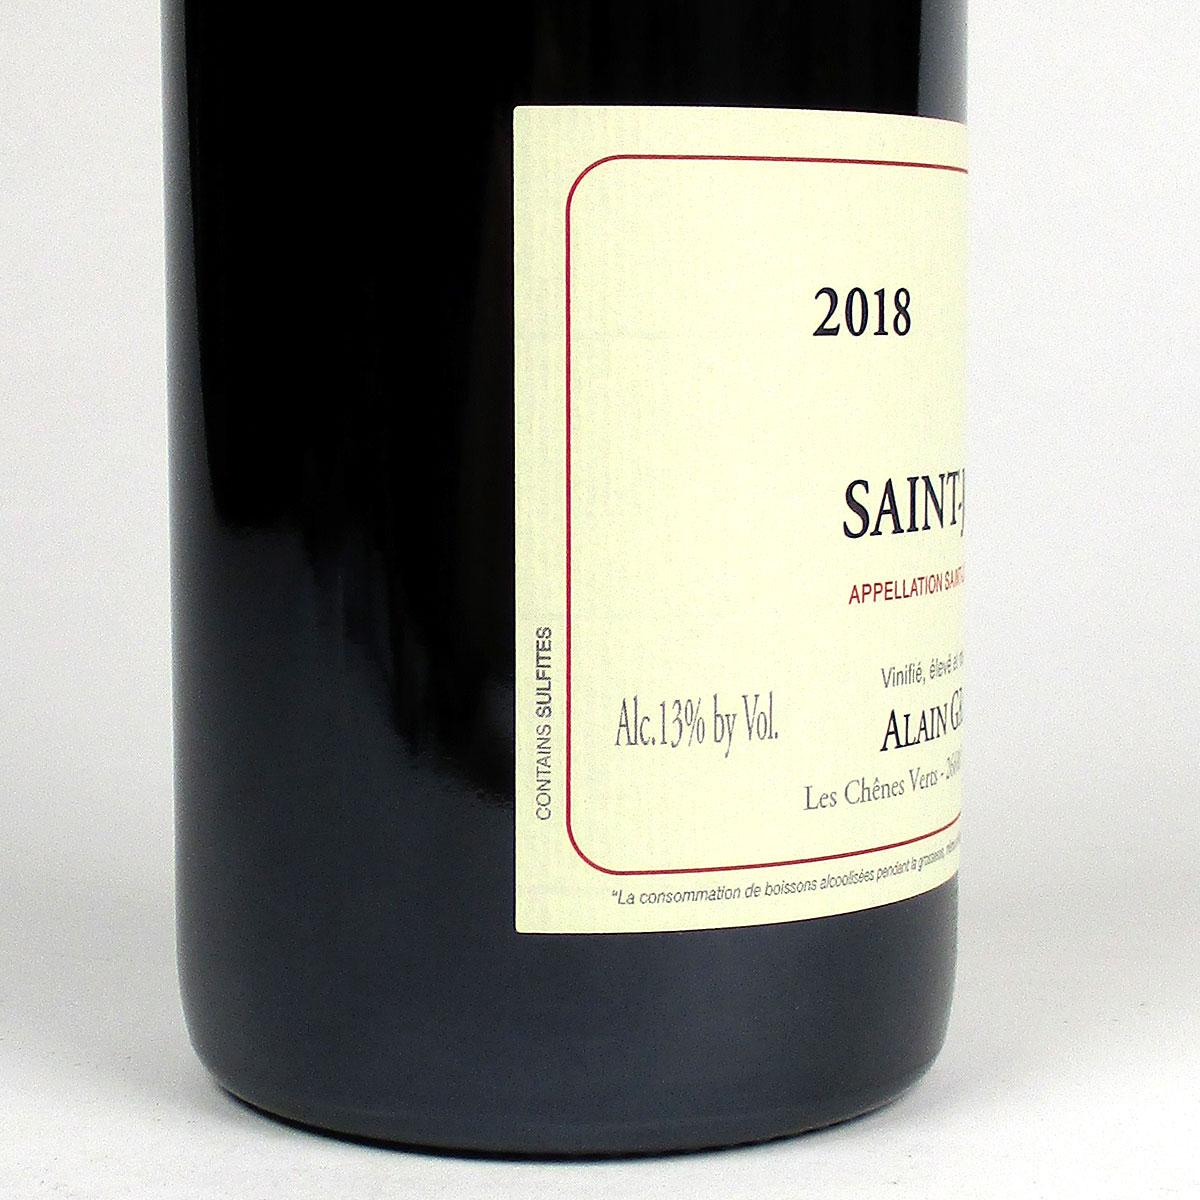 Saint-Joseph: Alain Graillot Rouge 2018 - Bottle Side